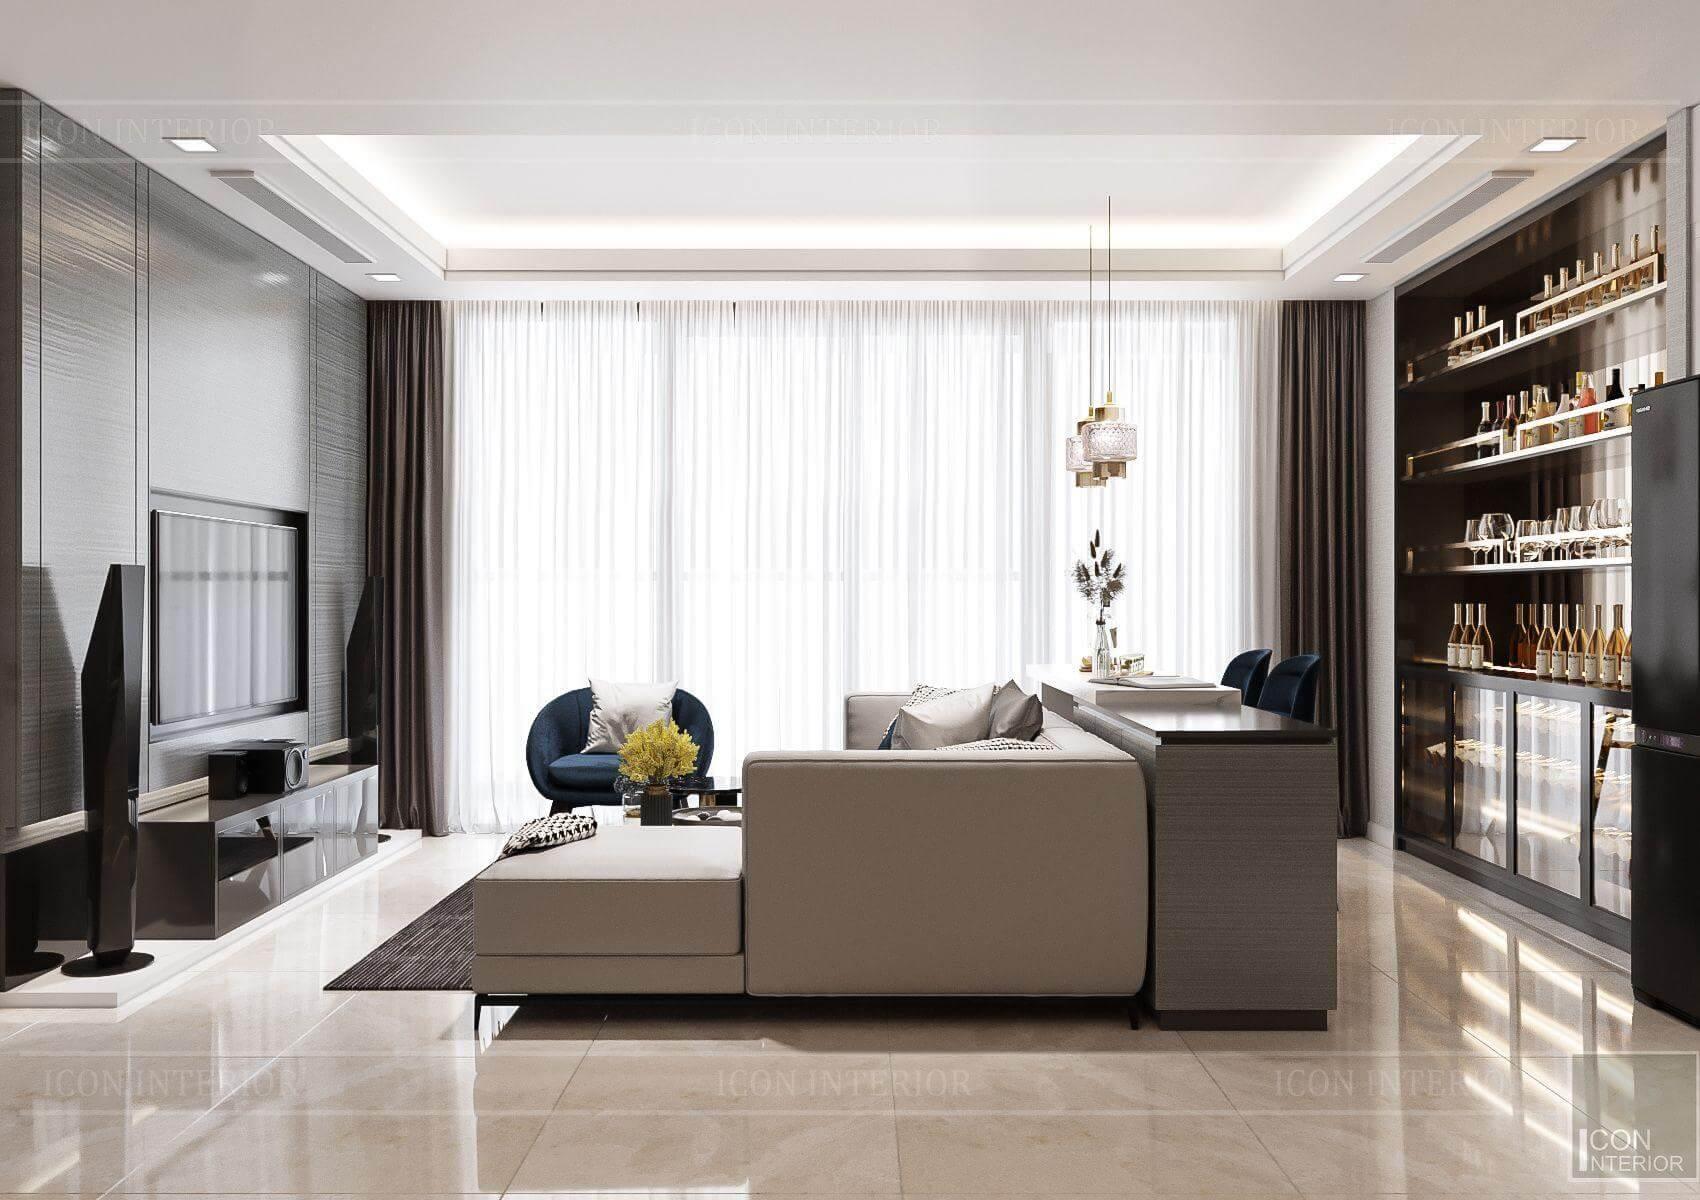 Thiết kế nội thất căn hộ chung cư Vinhomes Ba Son - view phòng khách